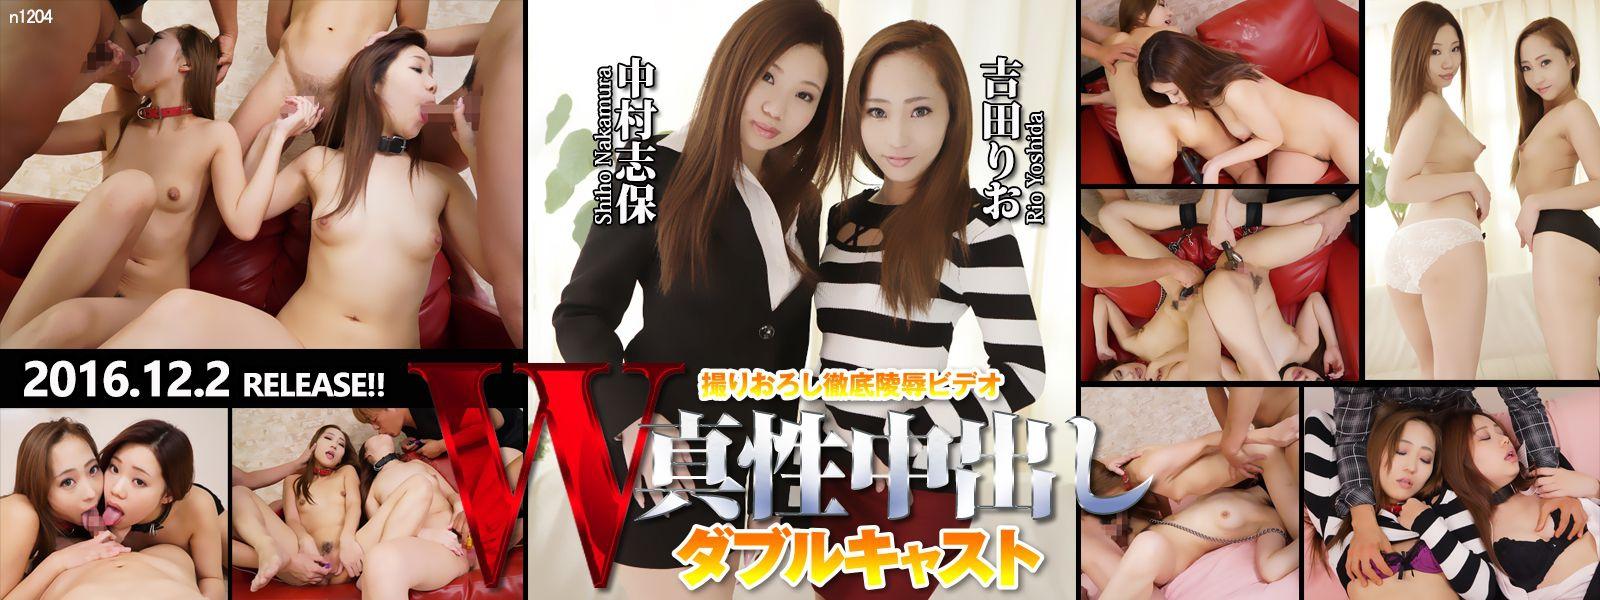 經典收集 東京熱 Tokyo Hot (11-20補完至n1221)